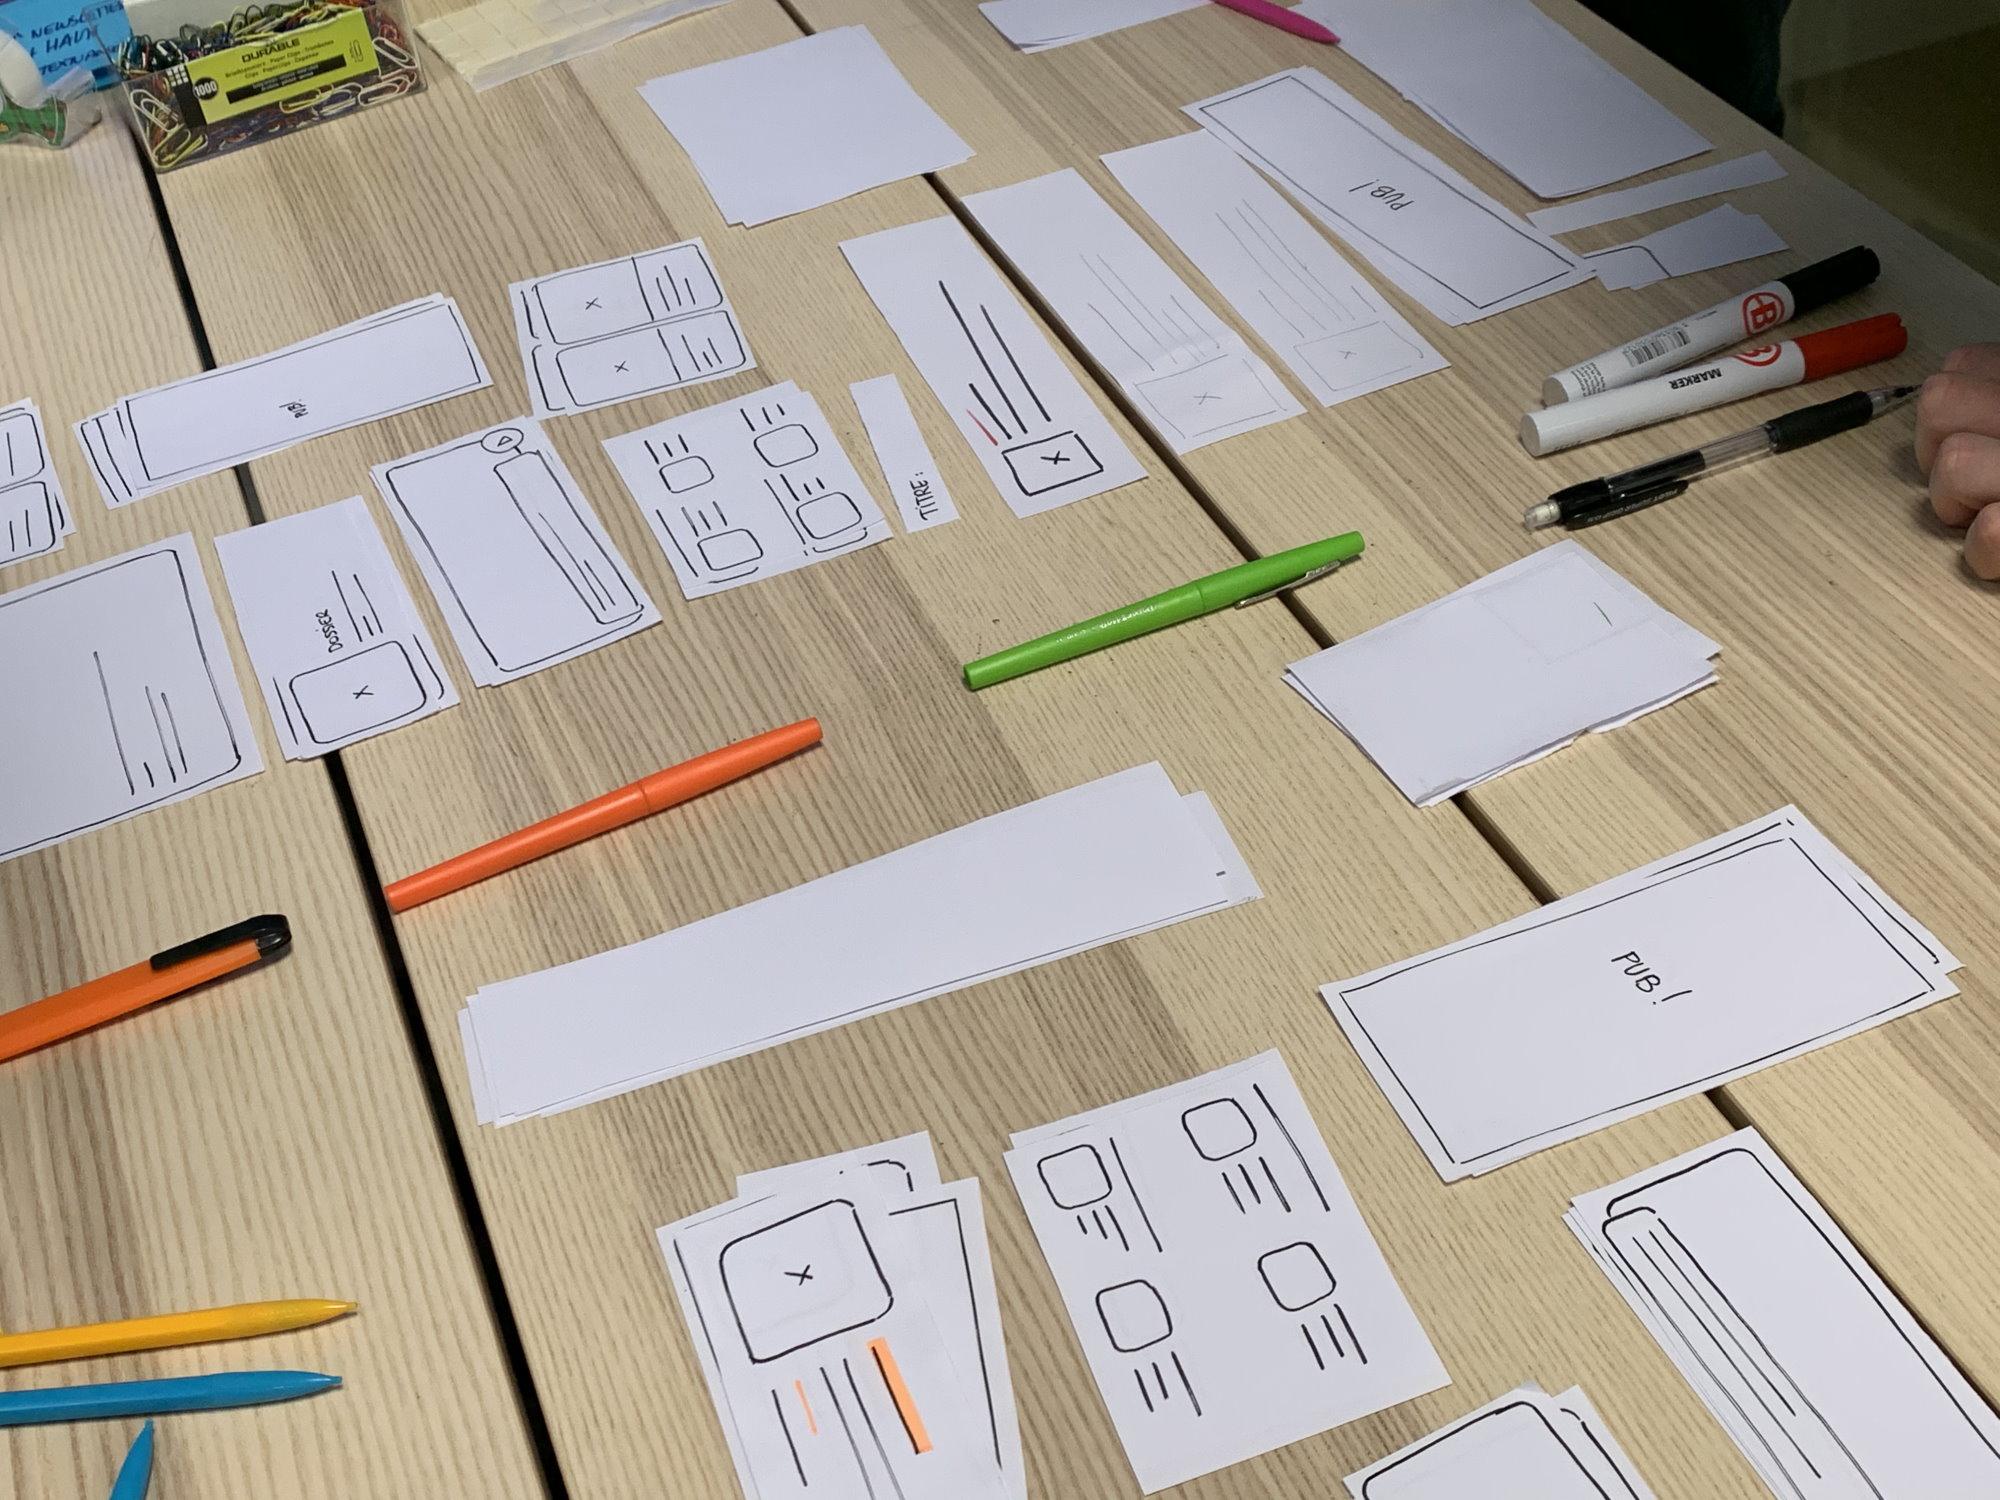 Le prototypage papier, une phase d'élaboration expliquée dans l'épisode